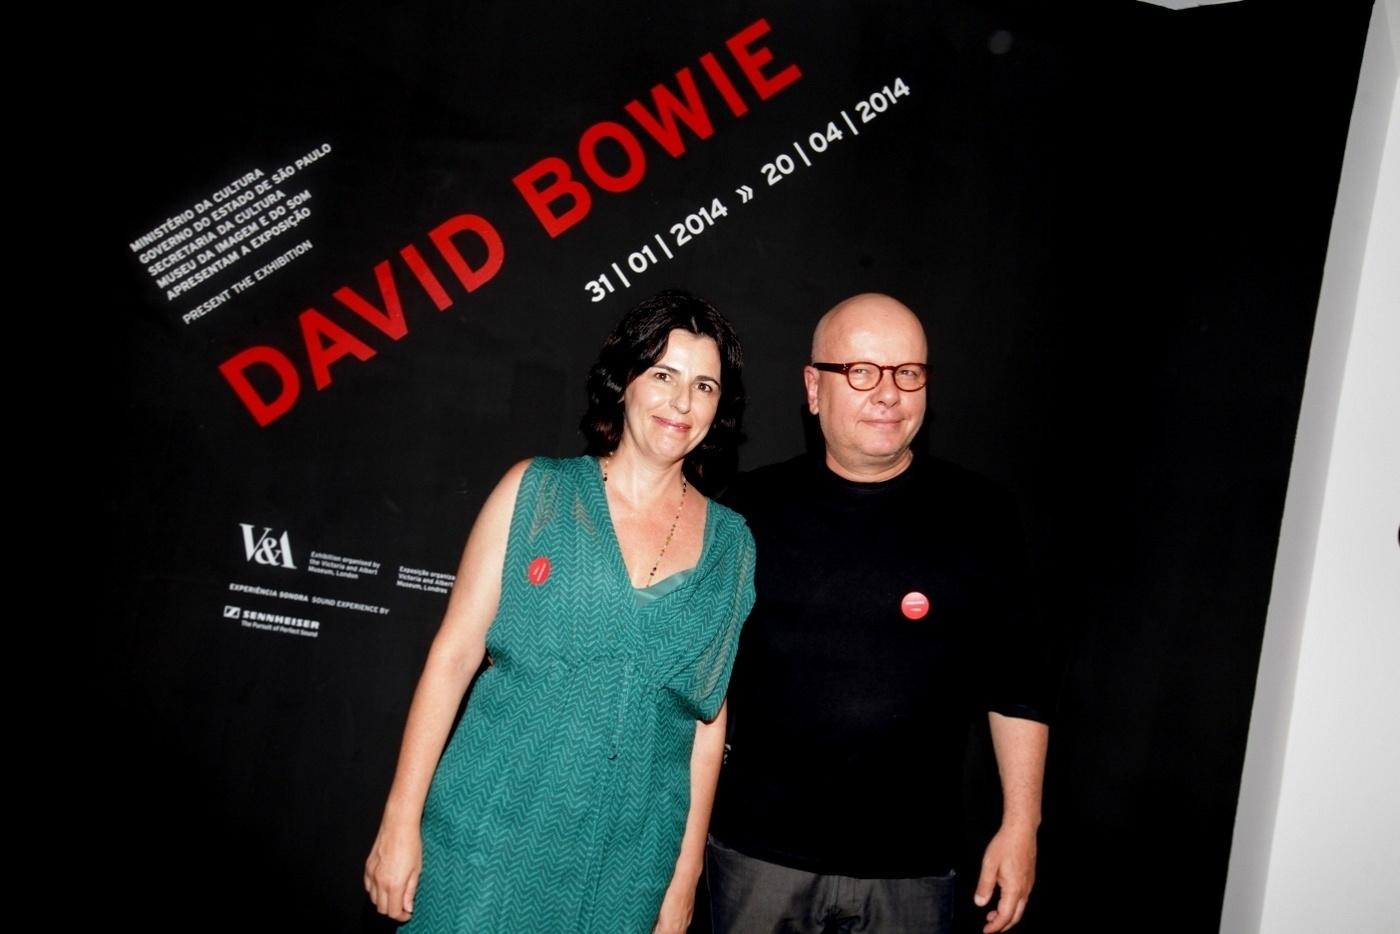 31.jan.2014 - O apresentador Marcelo Tas e a esposa no coquetel de abertura da exposição